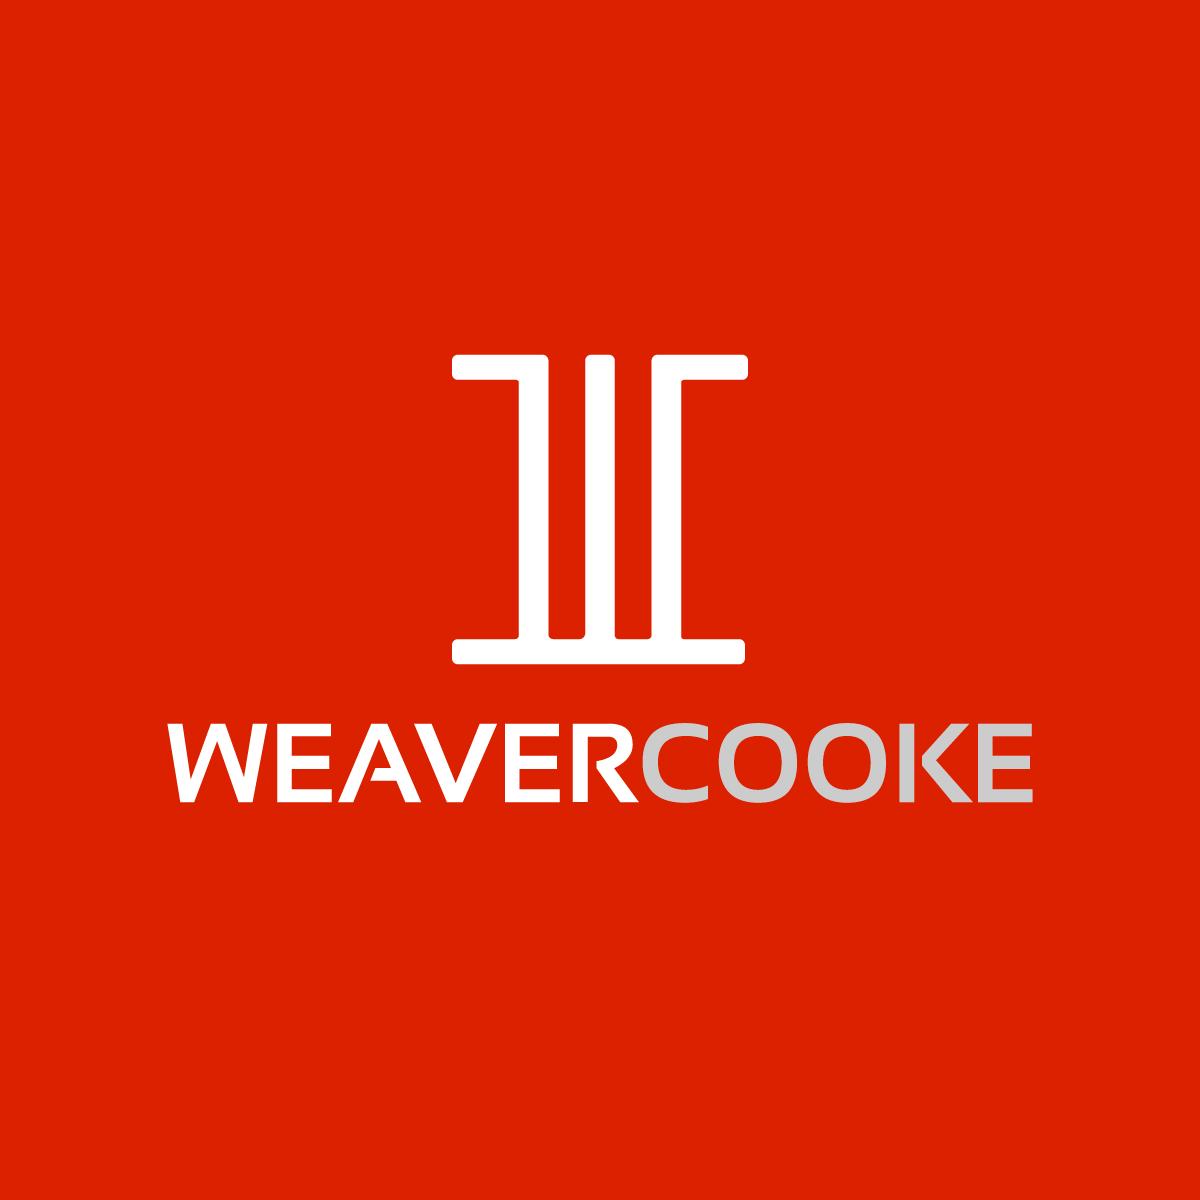 WeaverCooke_logo_Stacked_CopperBkgrd